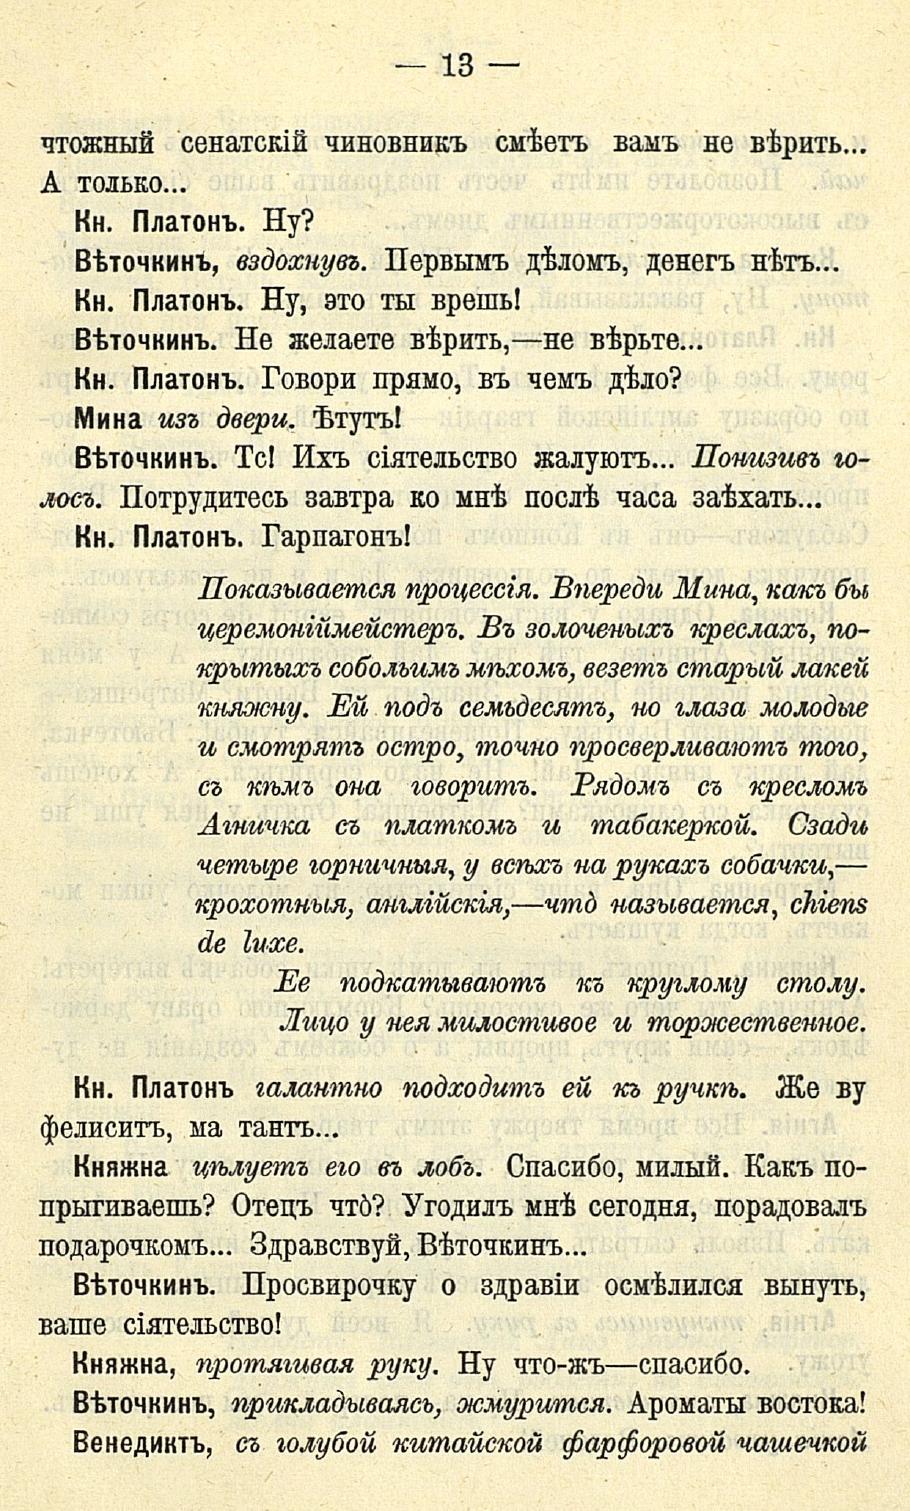 http://images.vfl.ru/ii/1405712480/9351e319/5744761.jpg